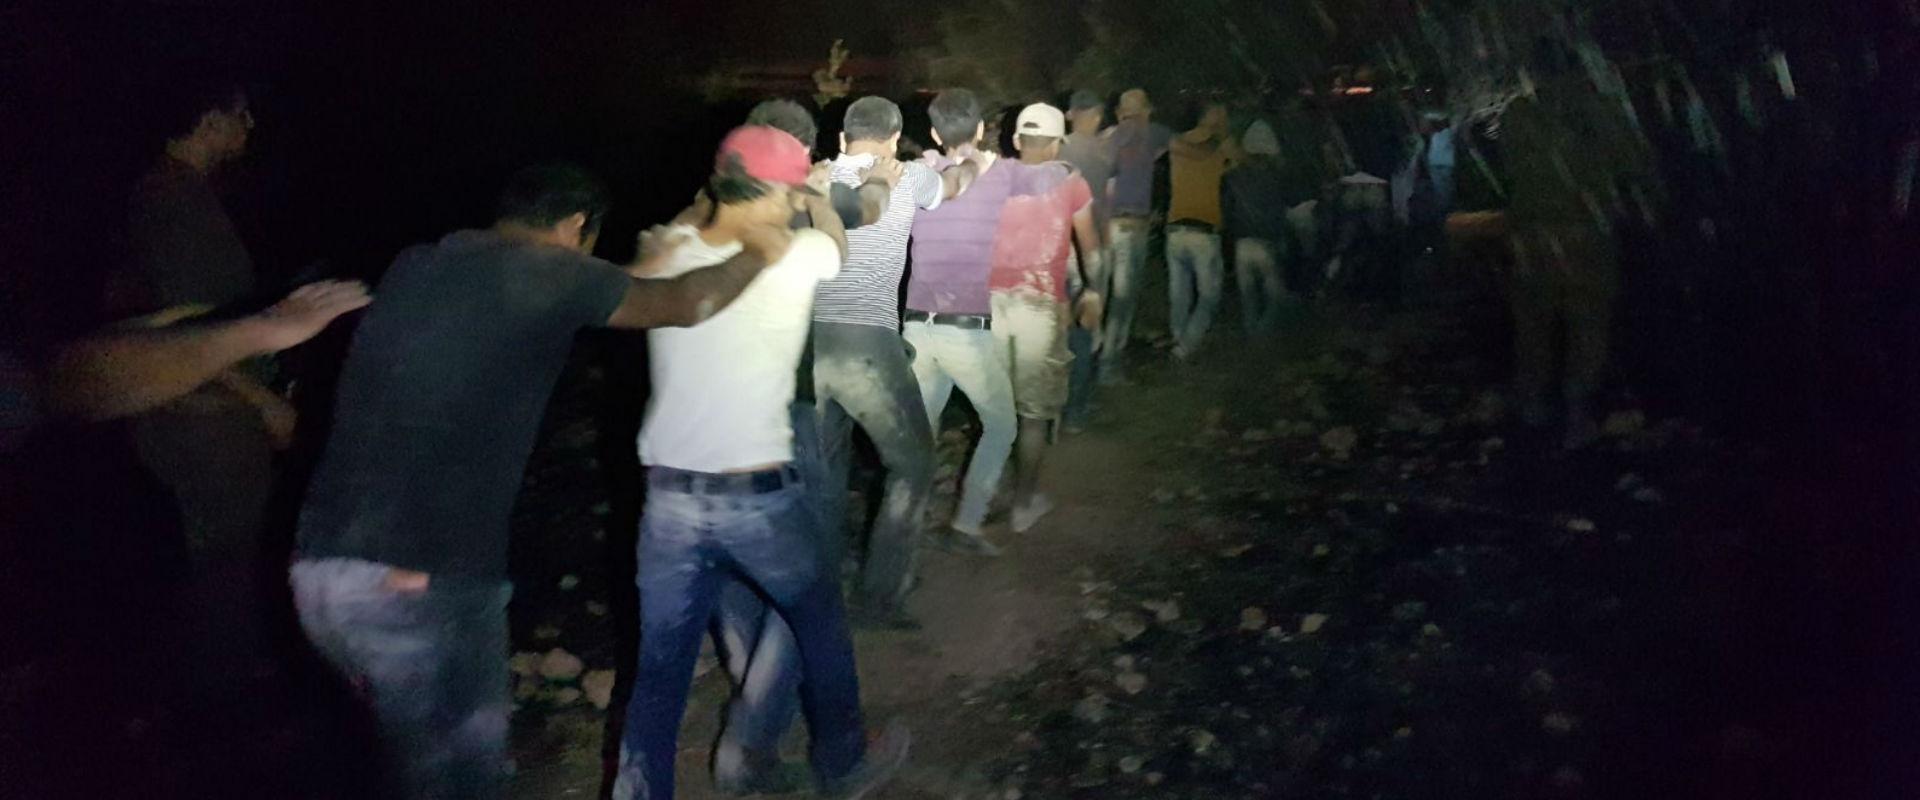 הפלסטינים שנתפסו במושב שקף